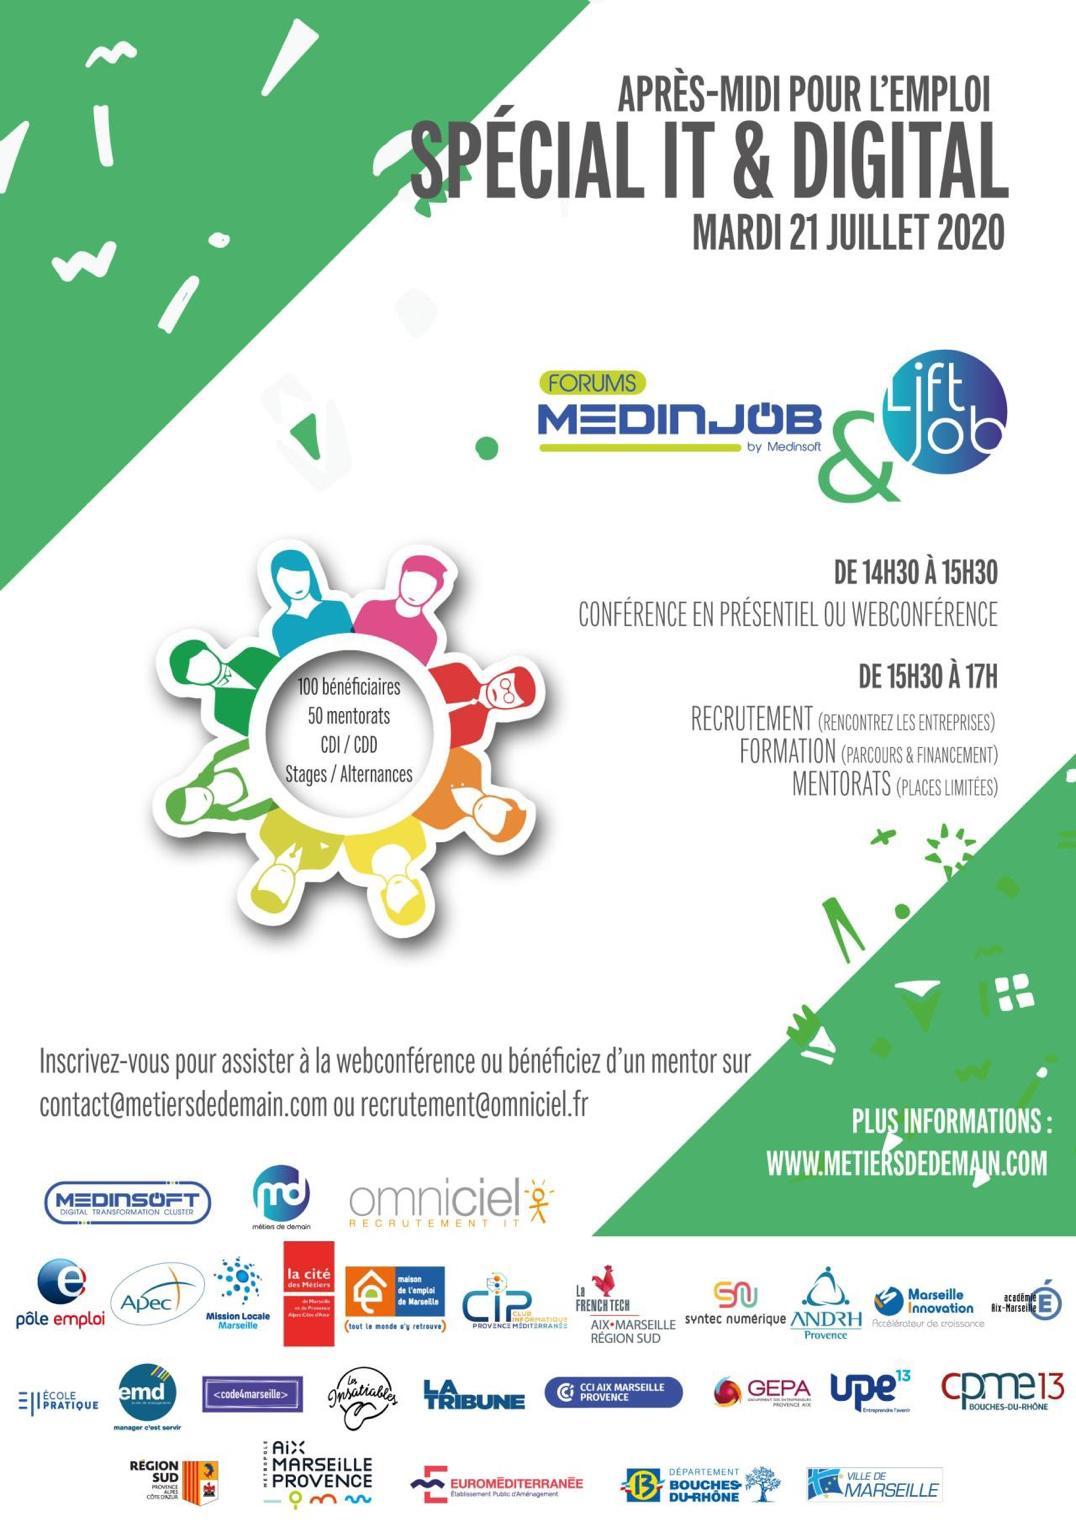 ForumMedinjob - Votre rendez-vous annuel de l'IT & Digital